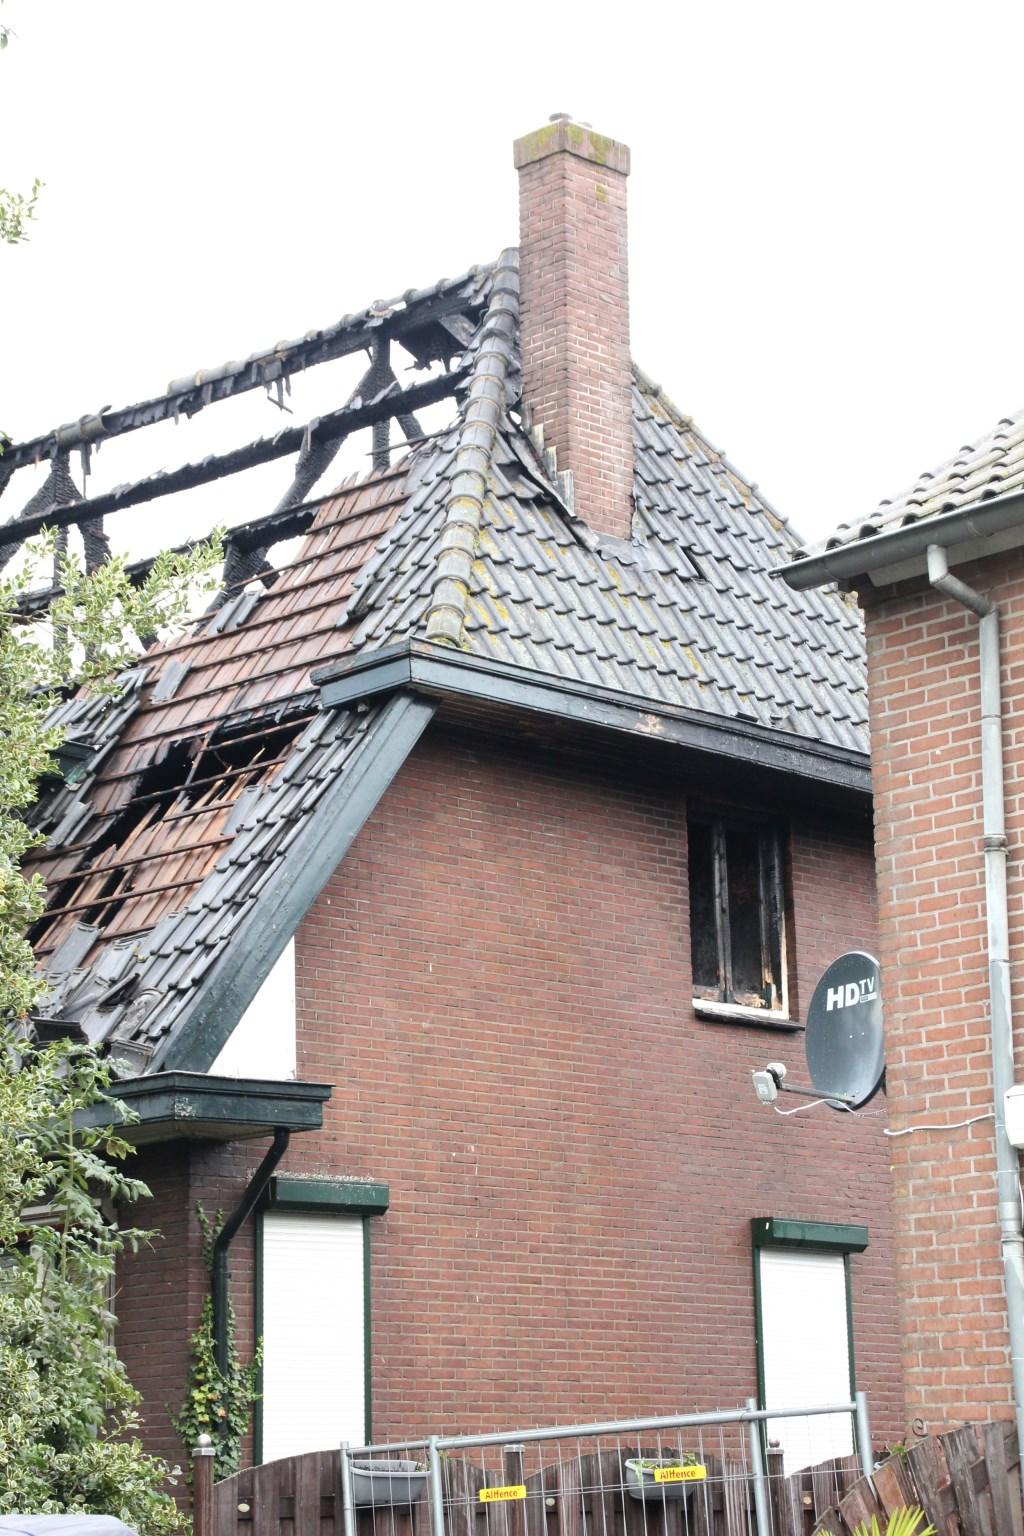 • De oostelijke schoorsteen, die instabiel is geraakt en afgebroken zal worden. Foto: Bert Bons © Alblasserwaard